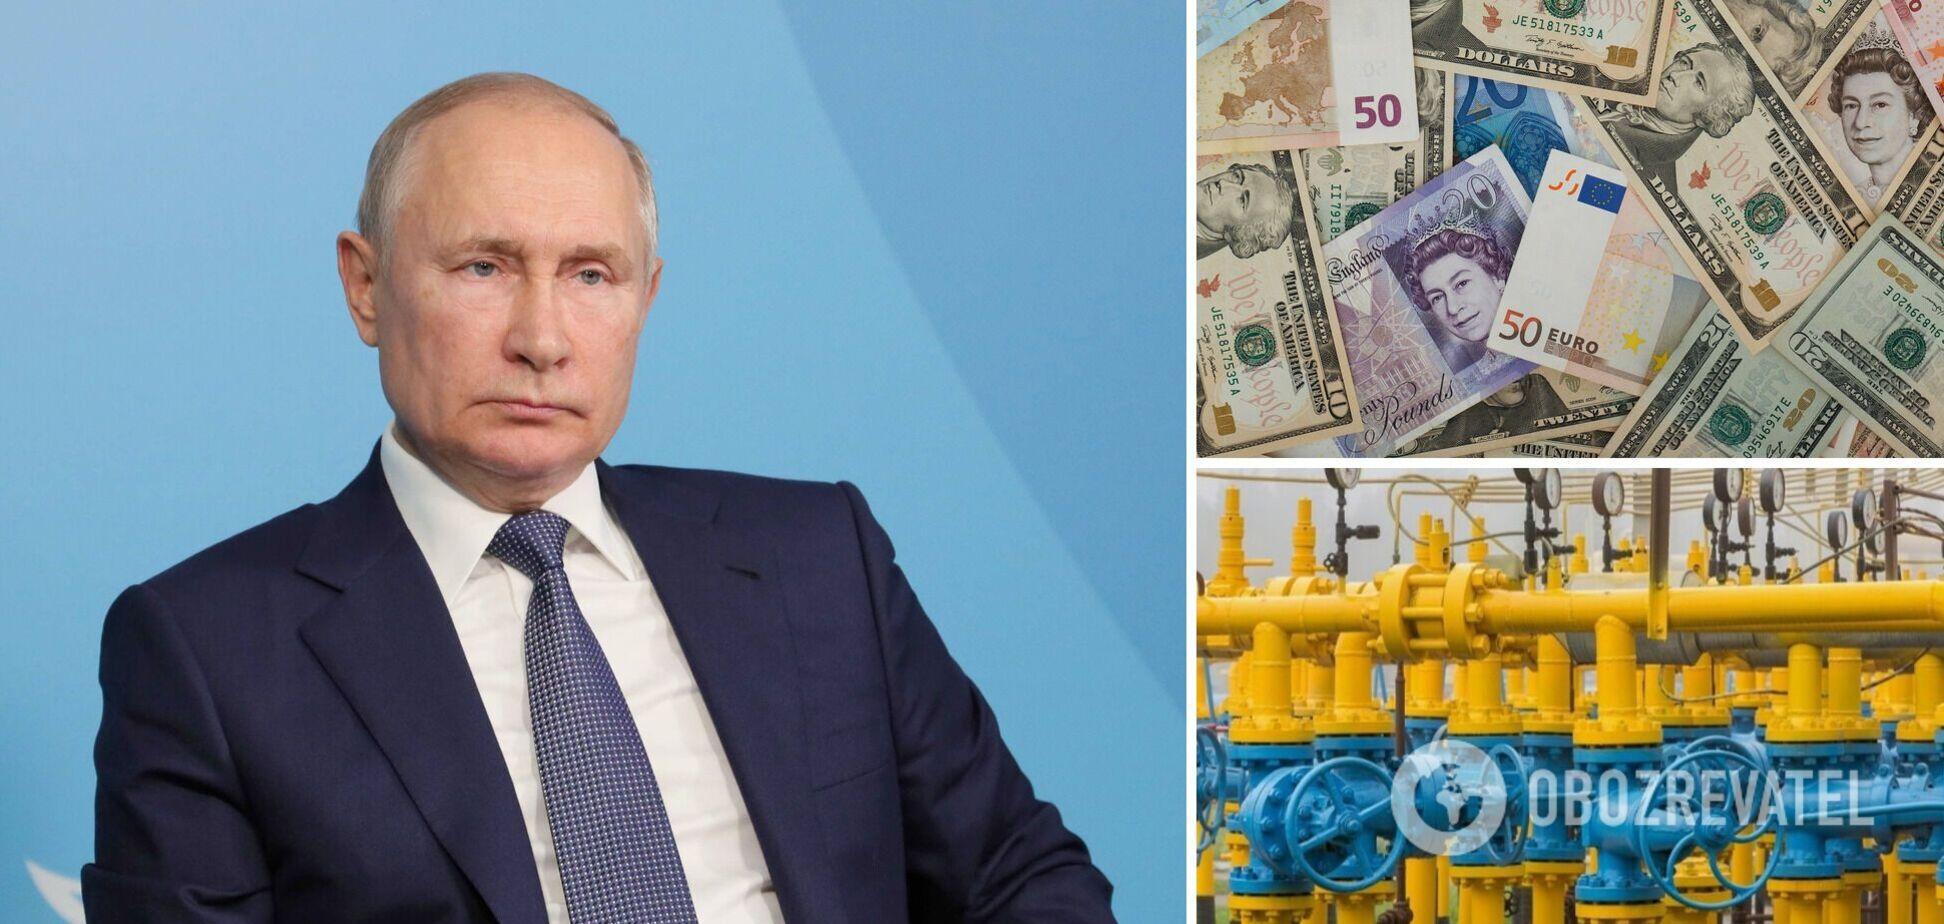 Ціни на газ у Європі впали через заяви Путіна, але подорожчання продовжиться